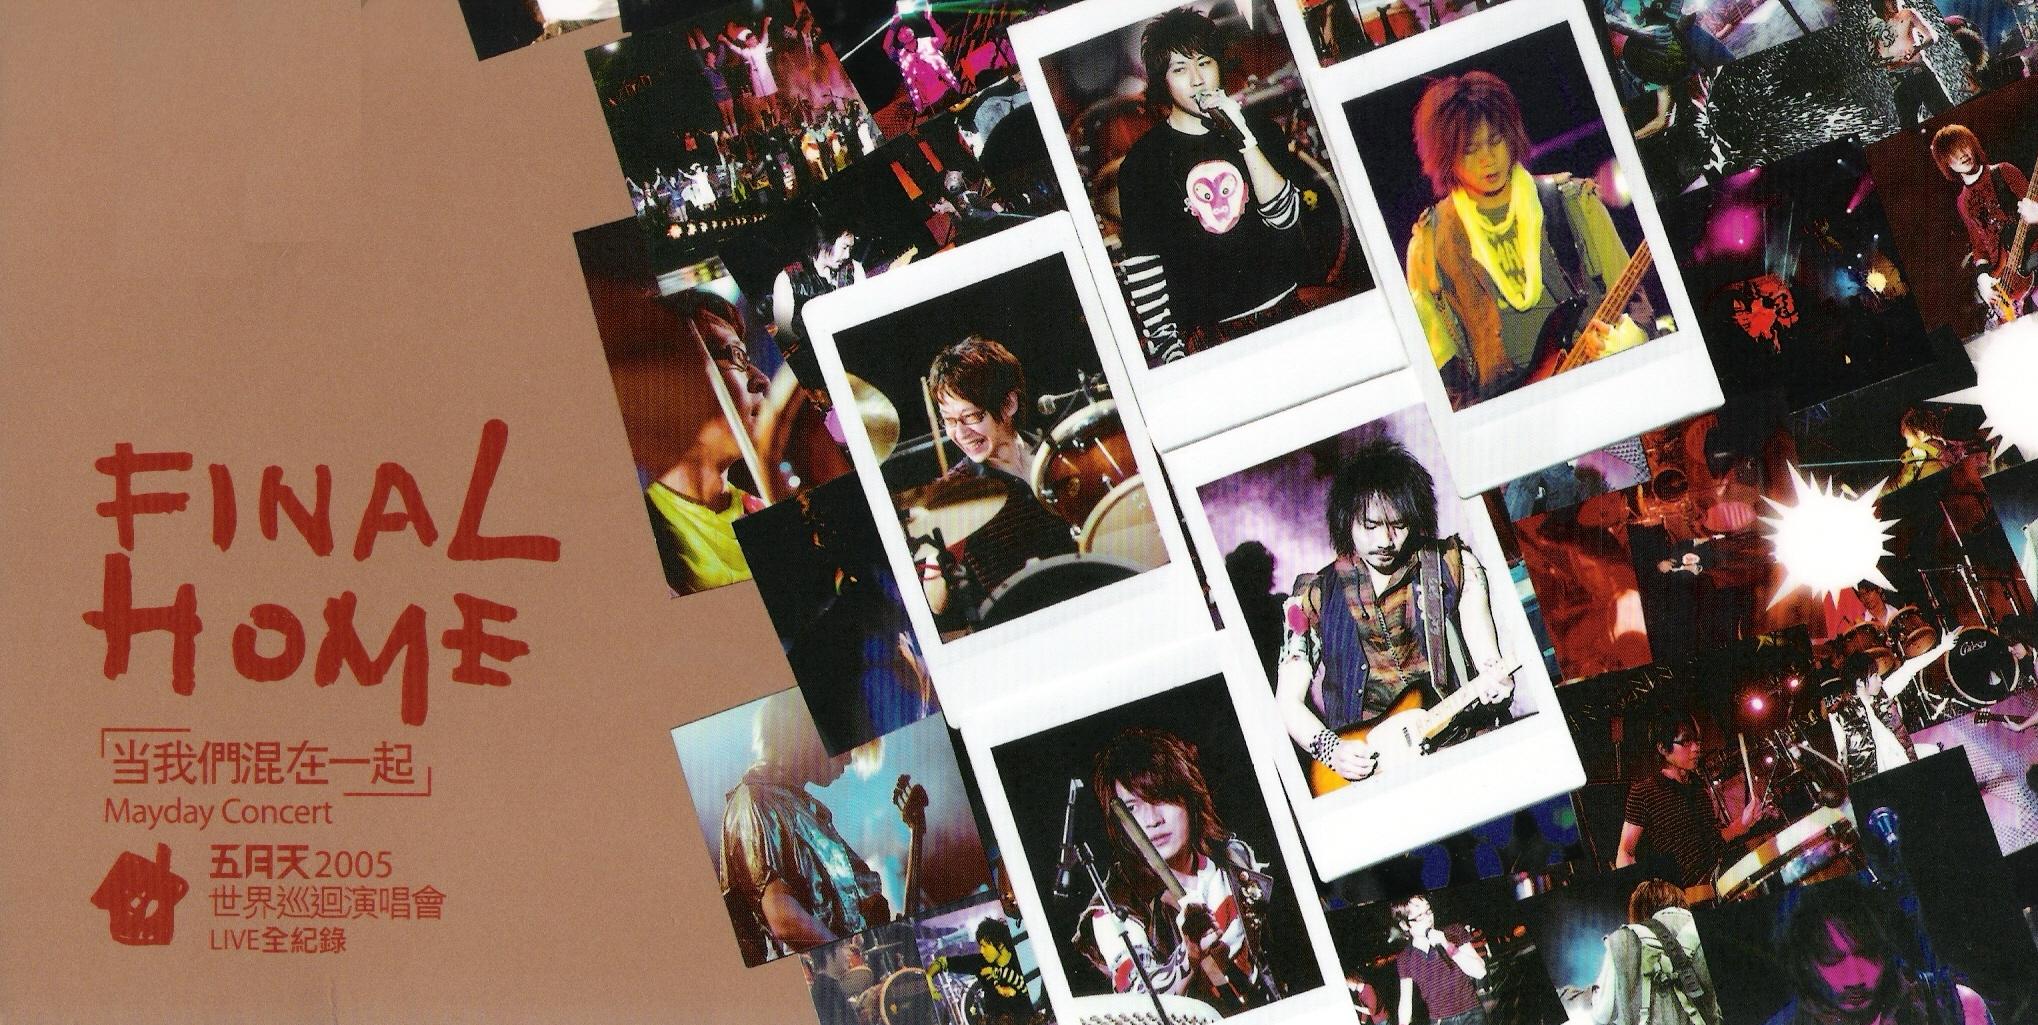 [2005-05] 五月天 Final Home 当我们混在一起 Live